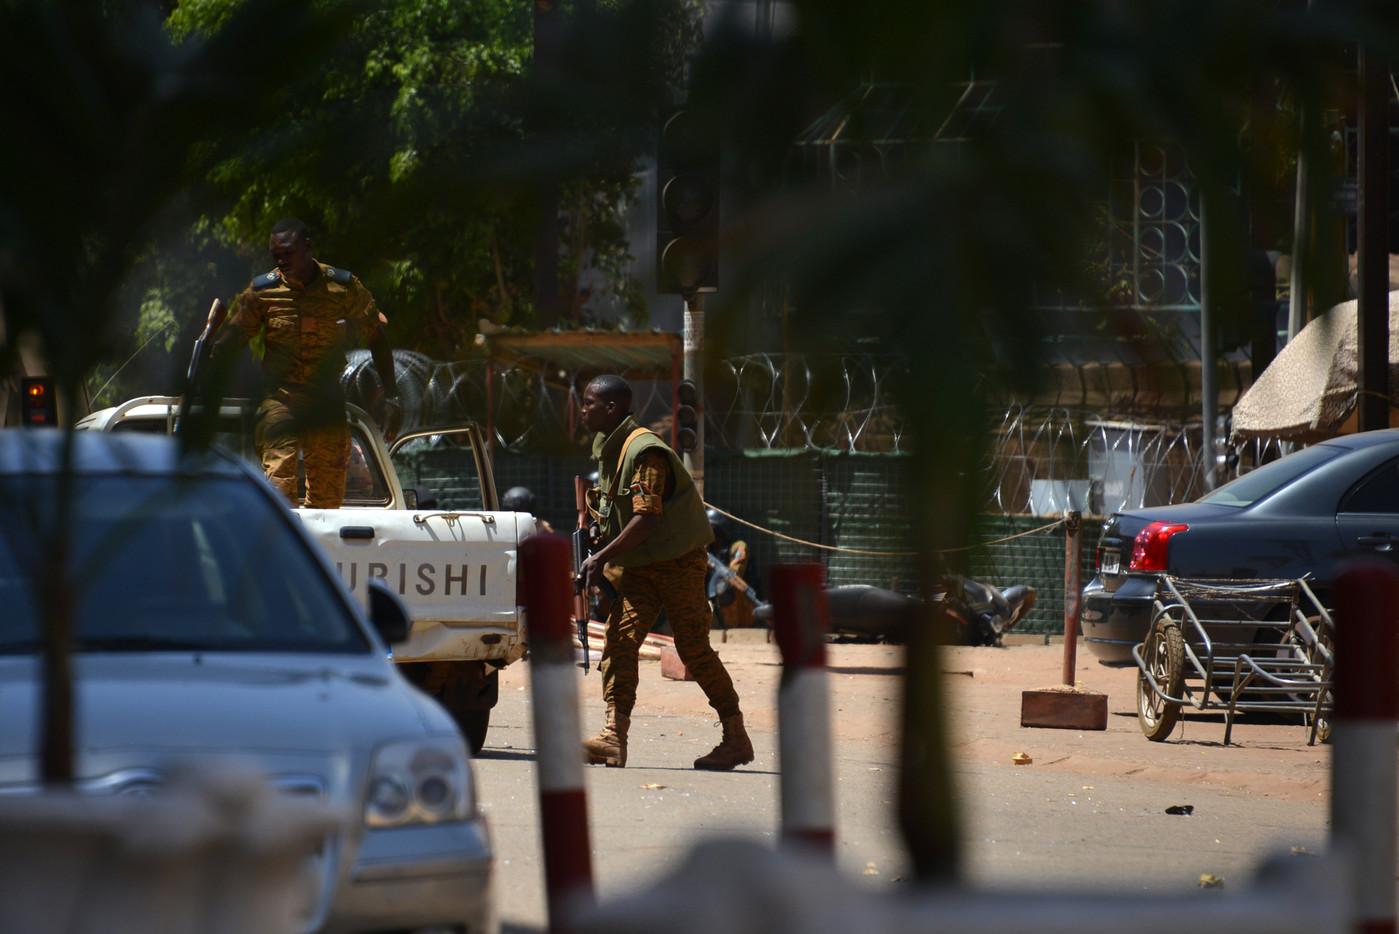 Attaque terroriste : Deux citadelles tombées, Vendredi noir à Ouaga